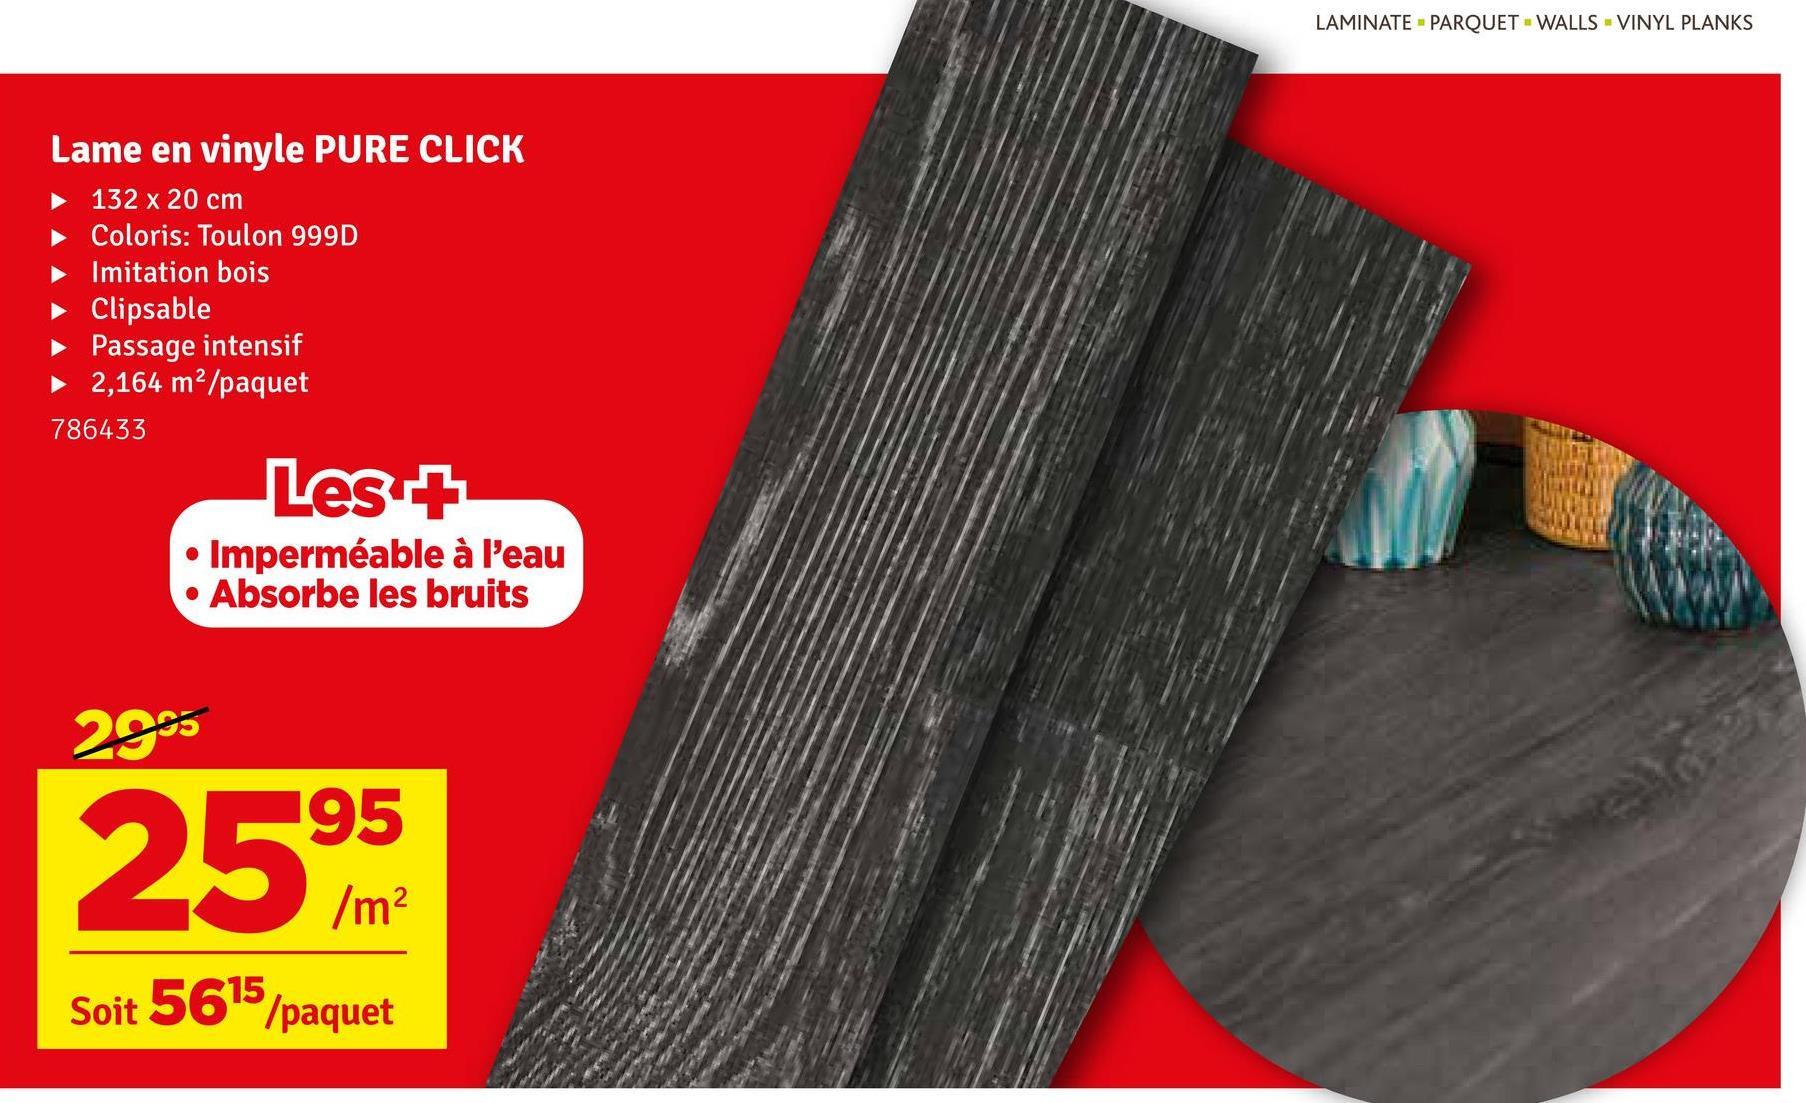 LAMINATE PARQUET - WALLS - VINYL PLANKS Lame en vinyle PURE CLICK 132 x 20 cm Coloris: Toulon 999D Imitation bois Clipsable Passage intensif 2,164 m²/paquet 786433 Les + • Imperméable à l'eau • Absorbe les bruits 29% 2595 Soit 5615/paquet